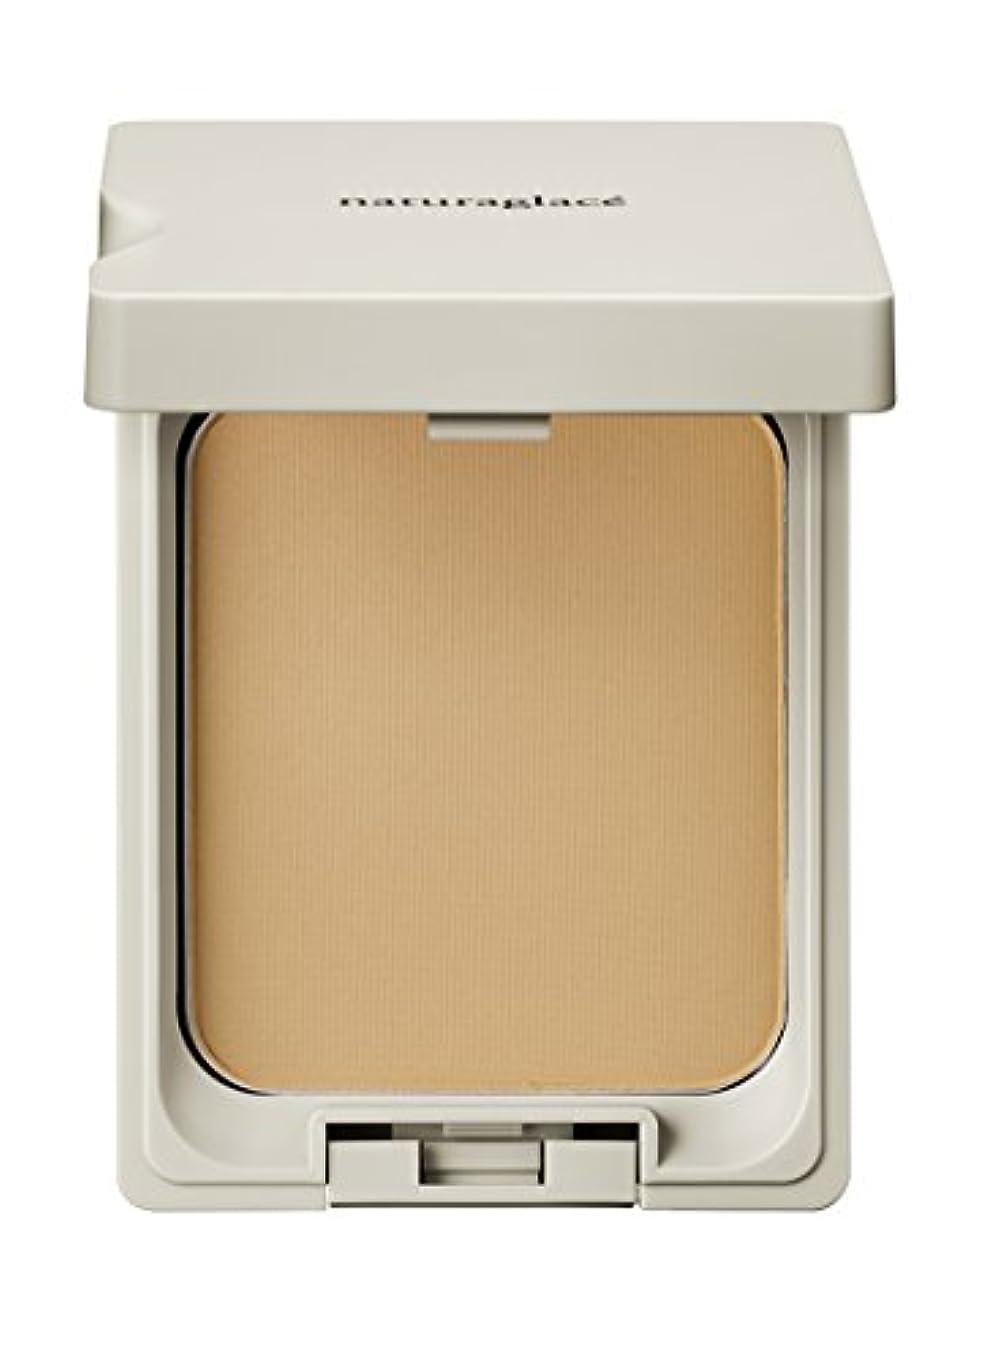 ナチュラグラッセ クリアパウダー ファンデーション OC2 (やや黄みよりの自然な肌色) 11g SPF40 PA++++ パフ付き